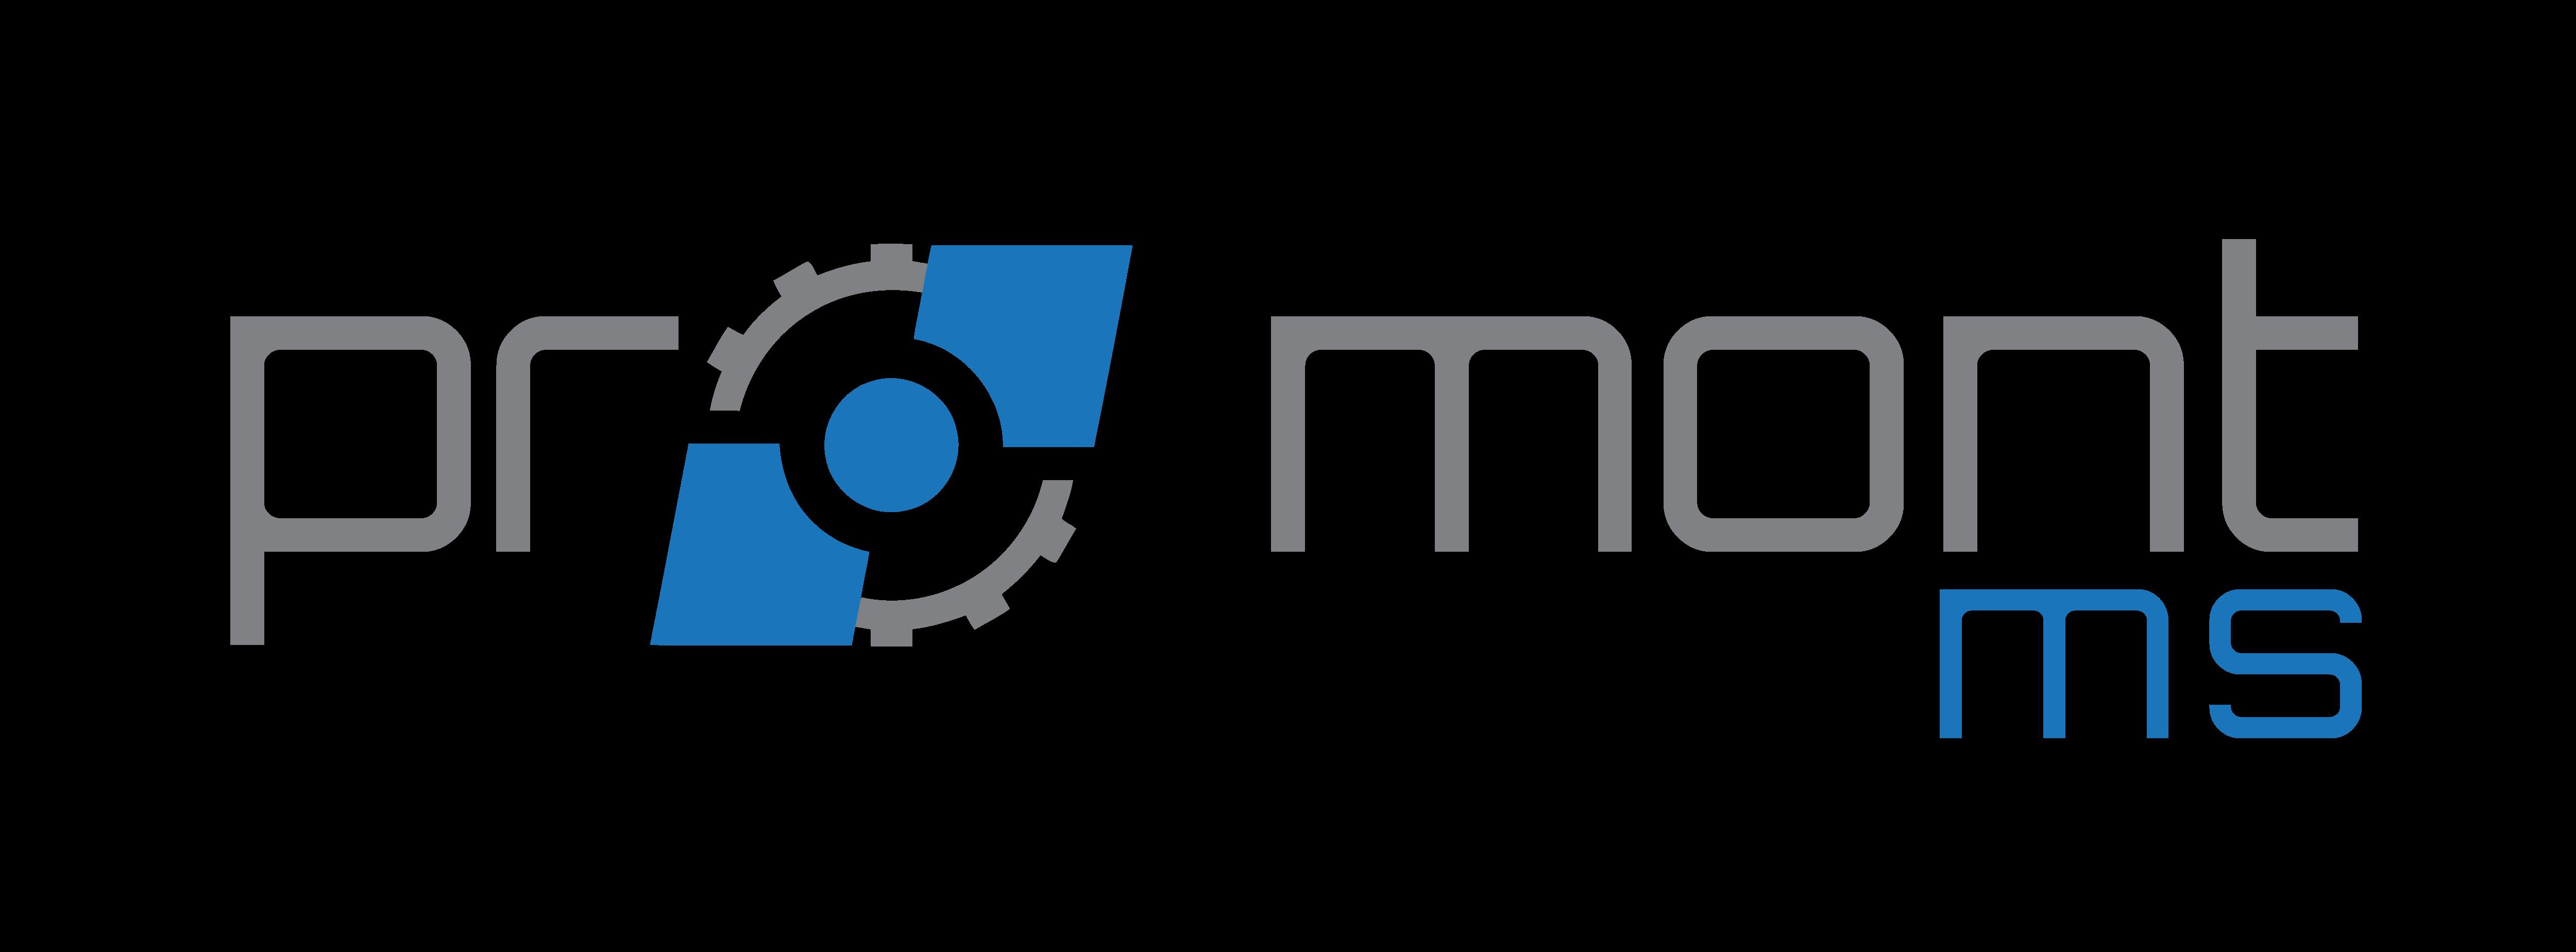 Pro mont ms